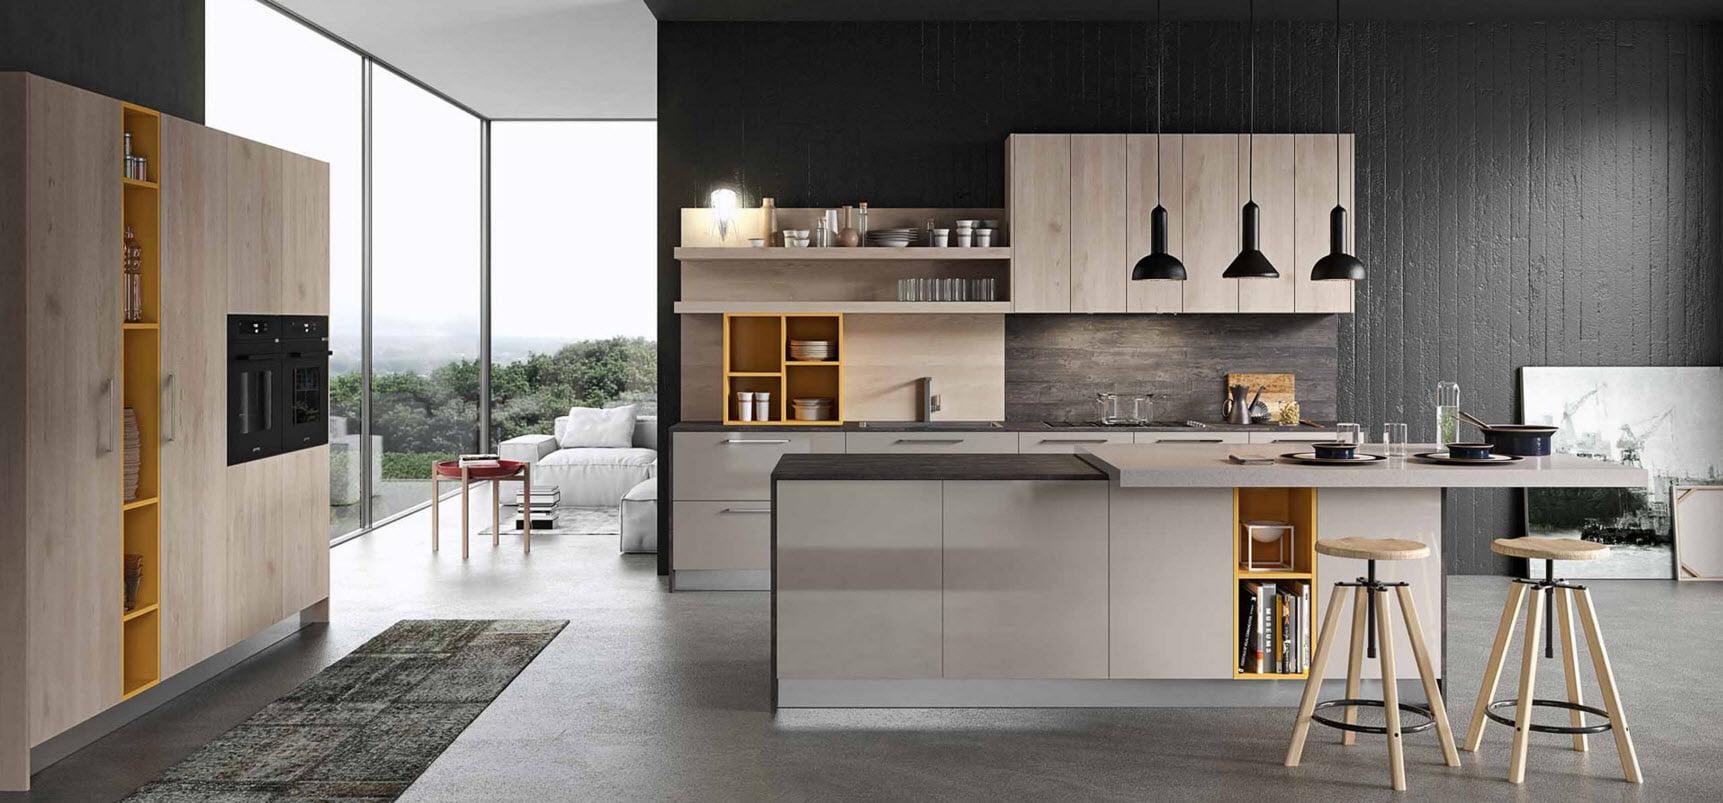 Ver cocinas modernas beautiful ms de ideas increbles - Ver fotos de cocinas modernas ...